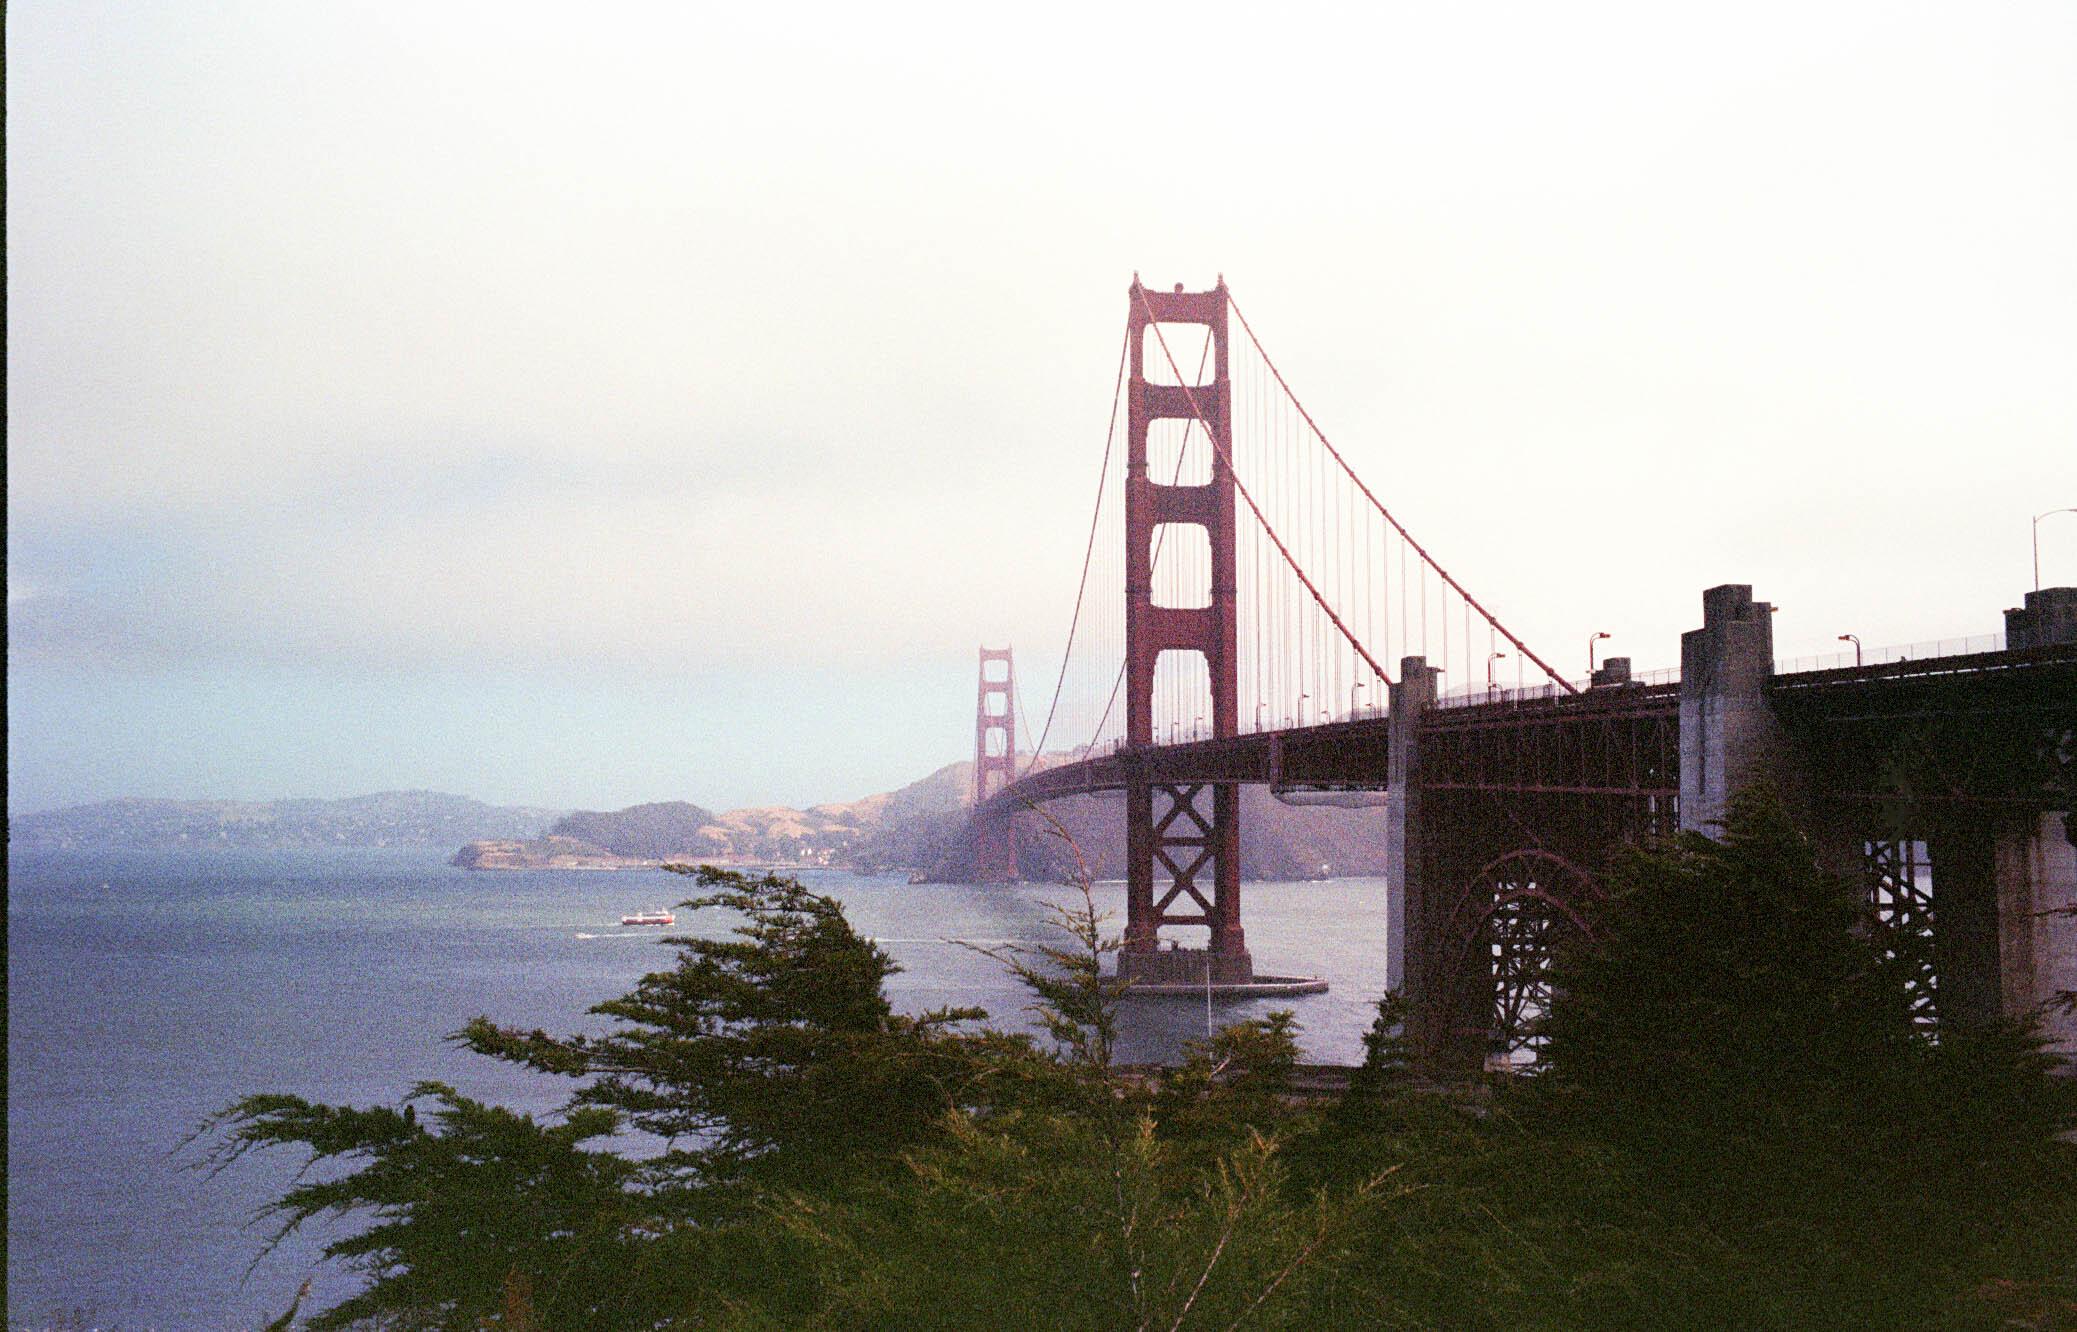 San Fransisco, June 2018